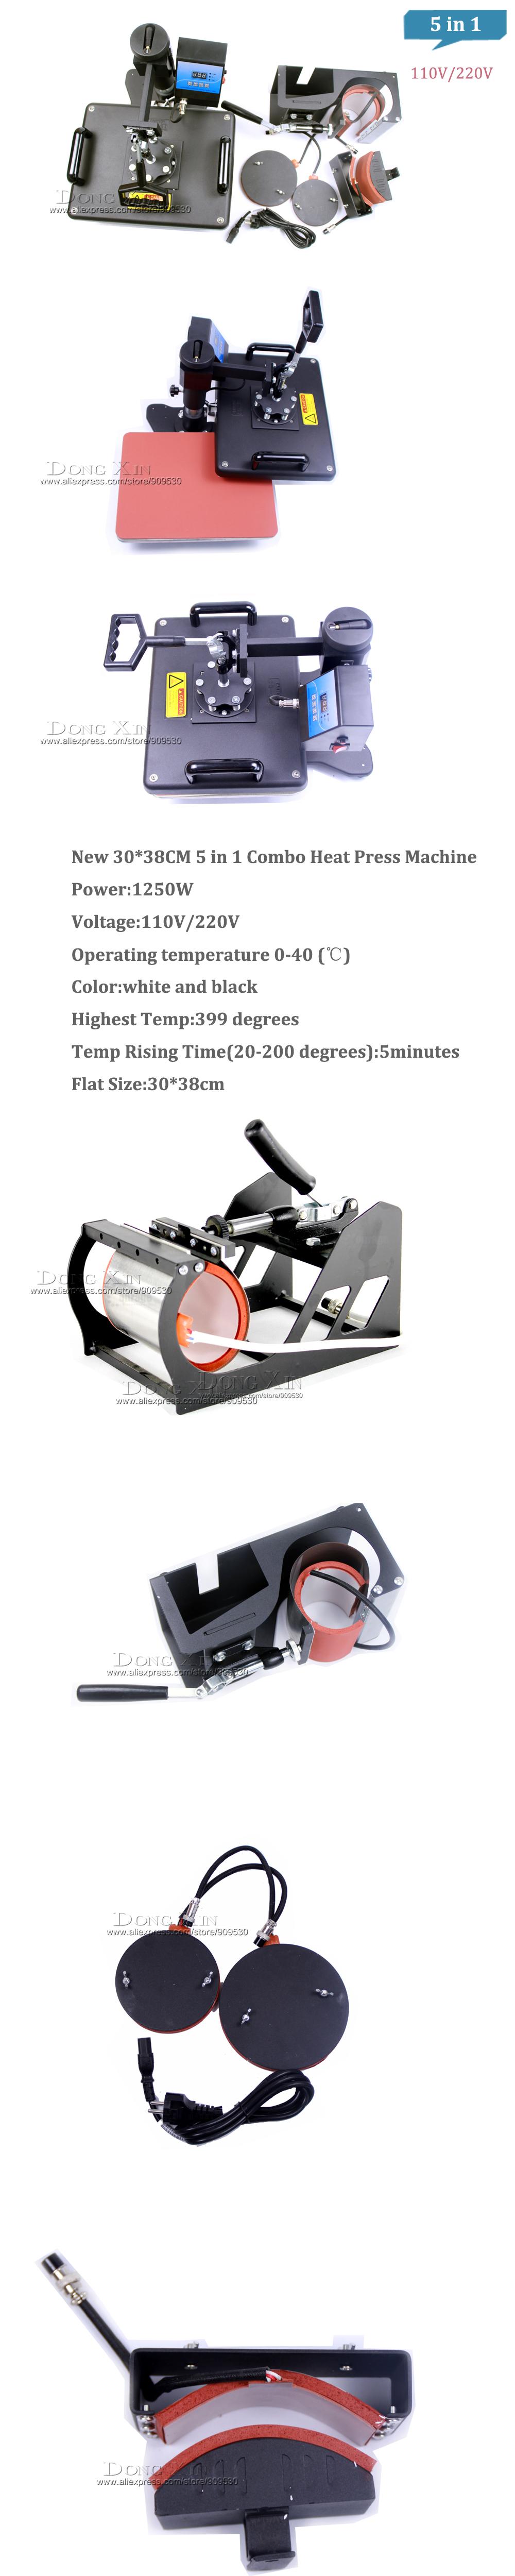 Купить Новый 30*38 СМ 5 в 1 Комбо Тепла Пресс Машина Термотрансферной Машина Сублимации Машины для Крышки Кружка пластины Футболки Печать